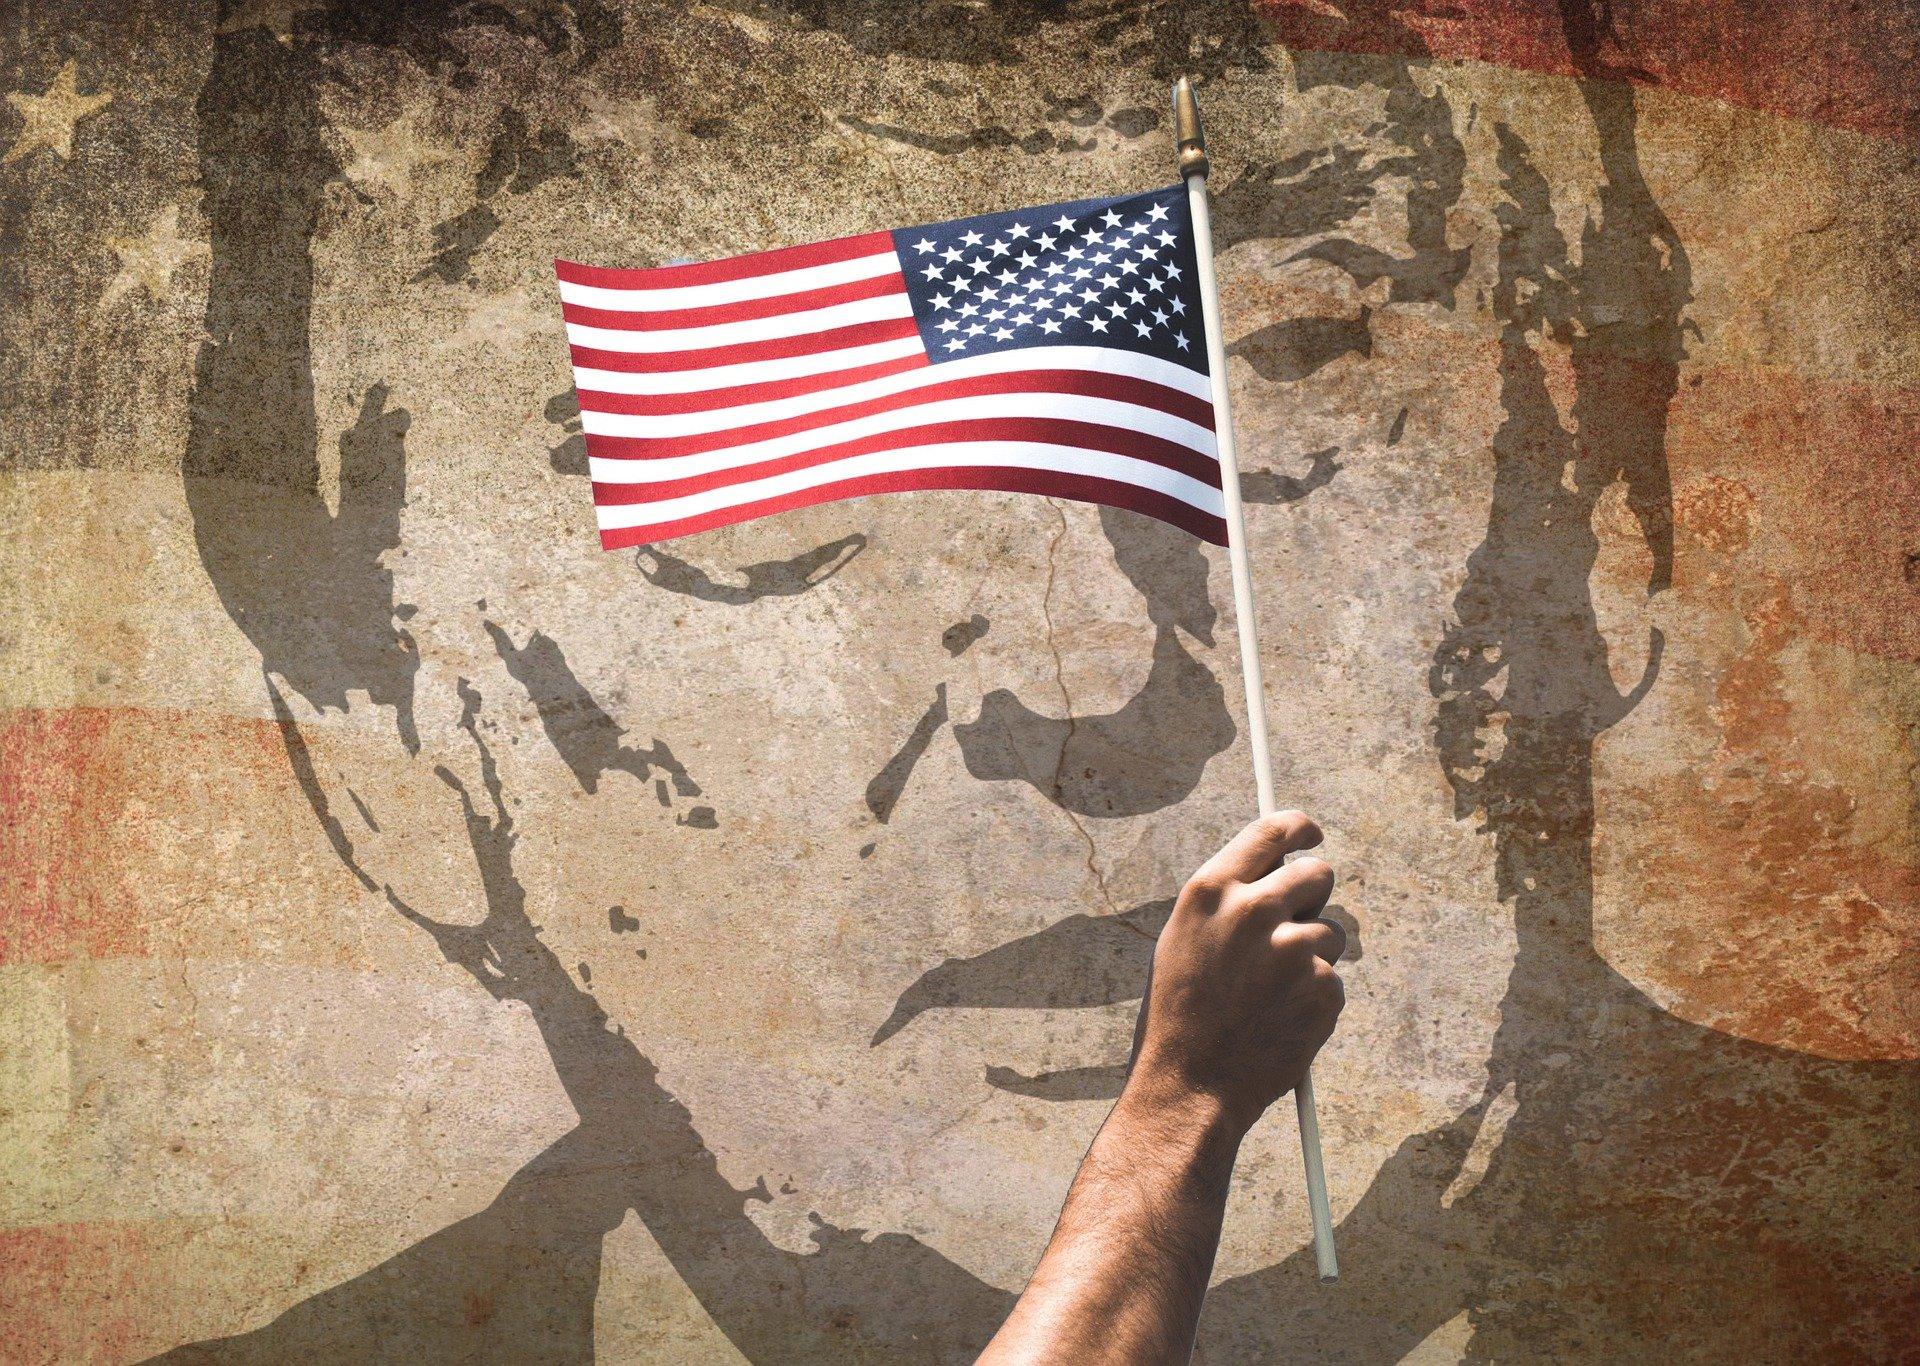 trump 2023751 1920.jpg?resize=300,169 - Moyen-Orient : Trump a donné l'ordre de tuer le général iranien Qassem Soleimani